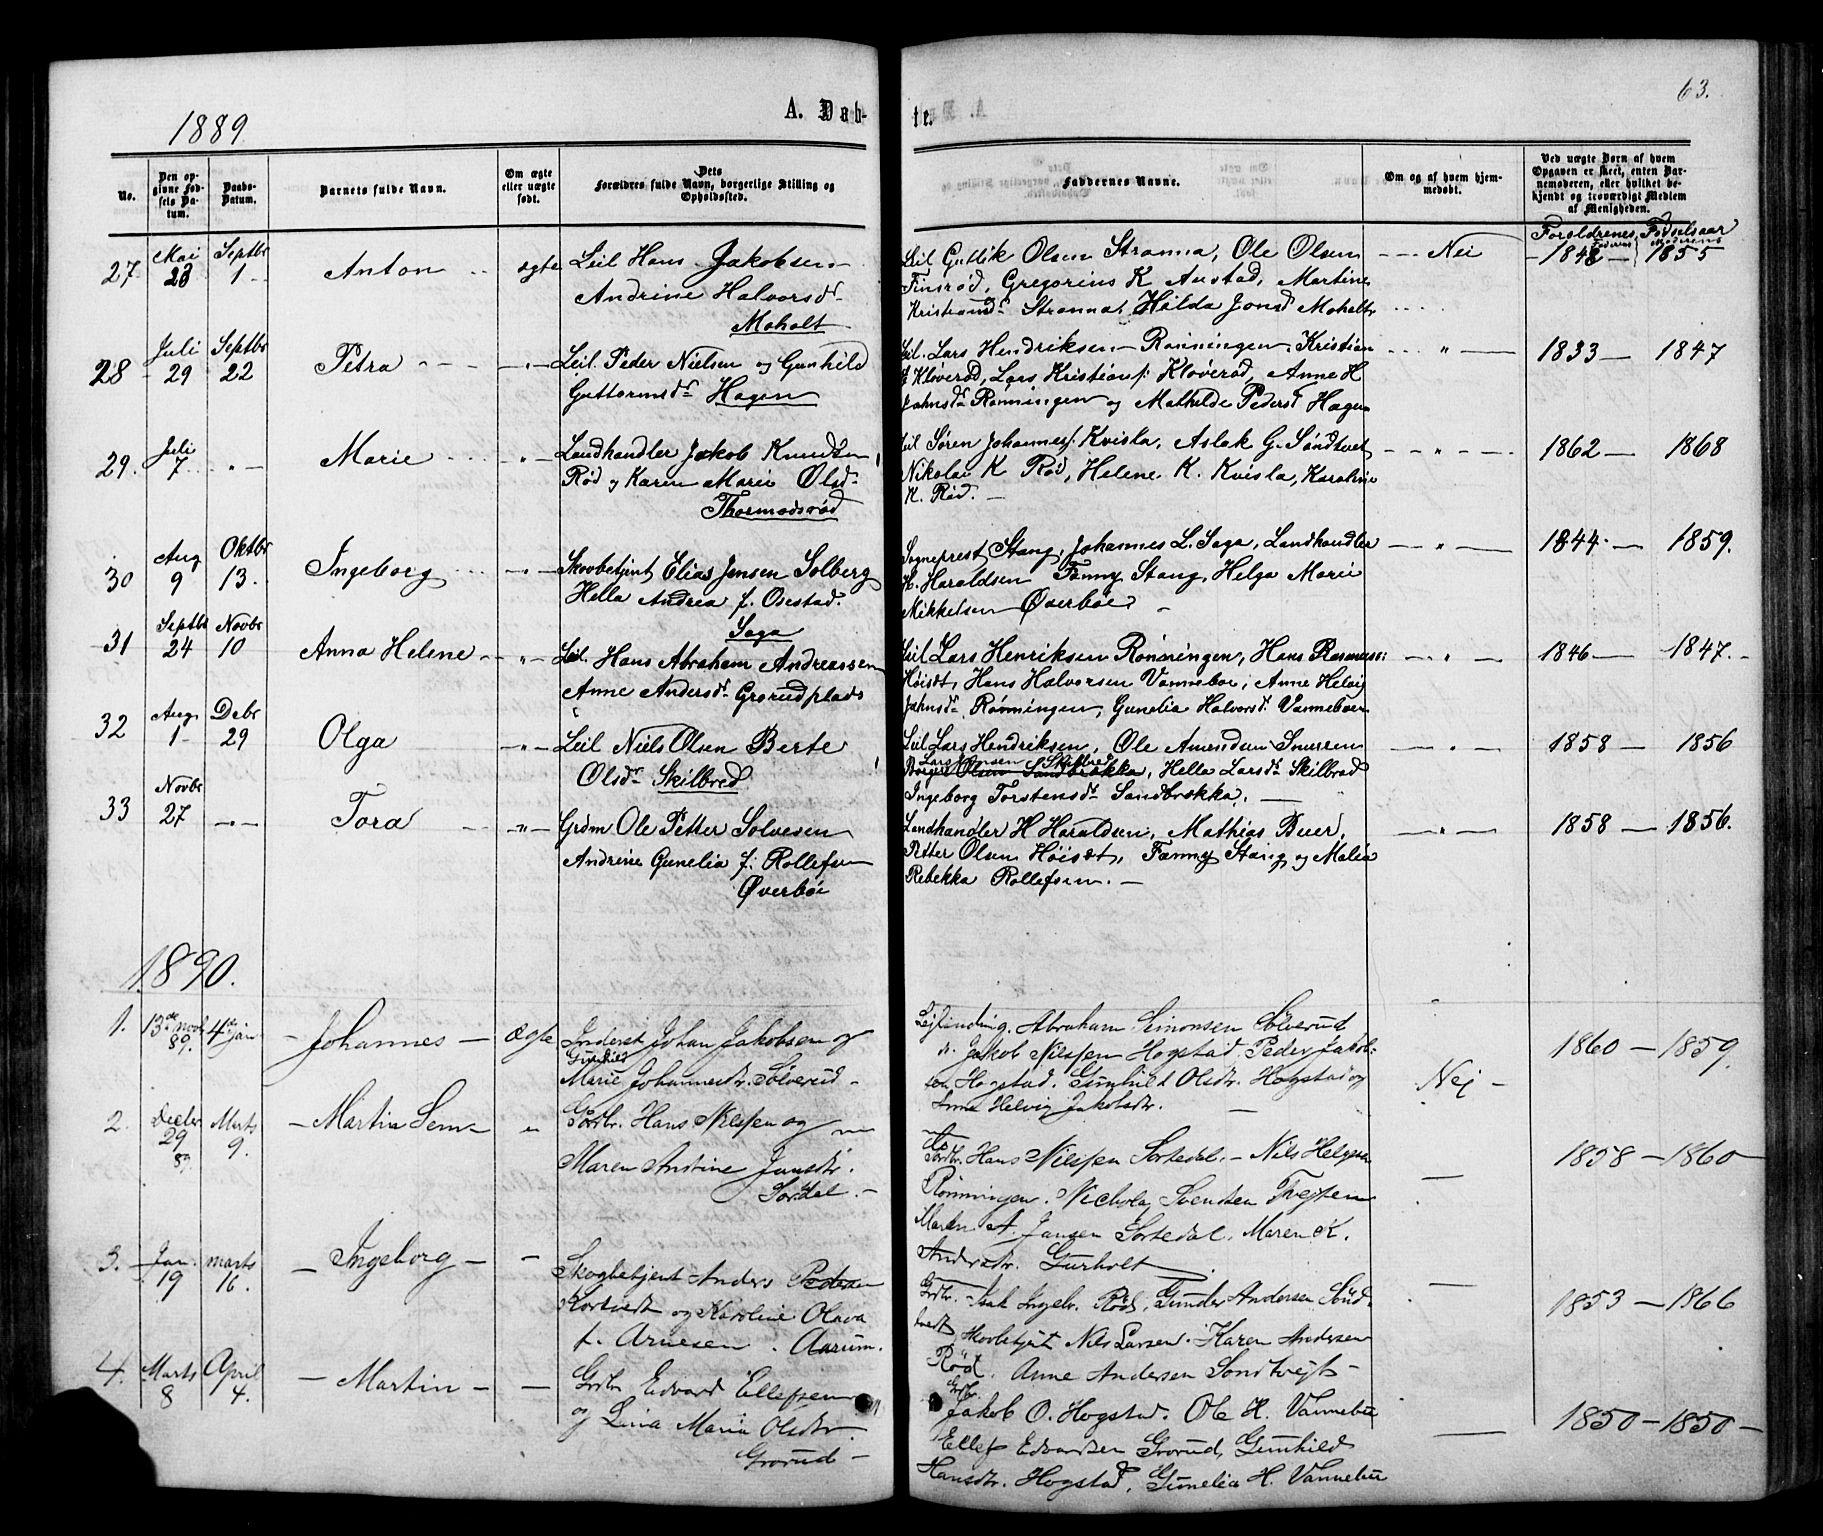 SAKO, Siljan kirkebøker, G/Ga/L0002: Klokkerbok nr. 2, 1864-1908, s. 63